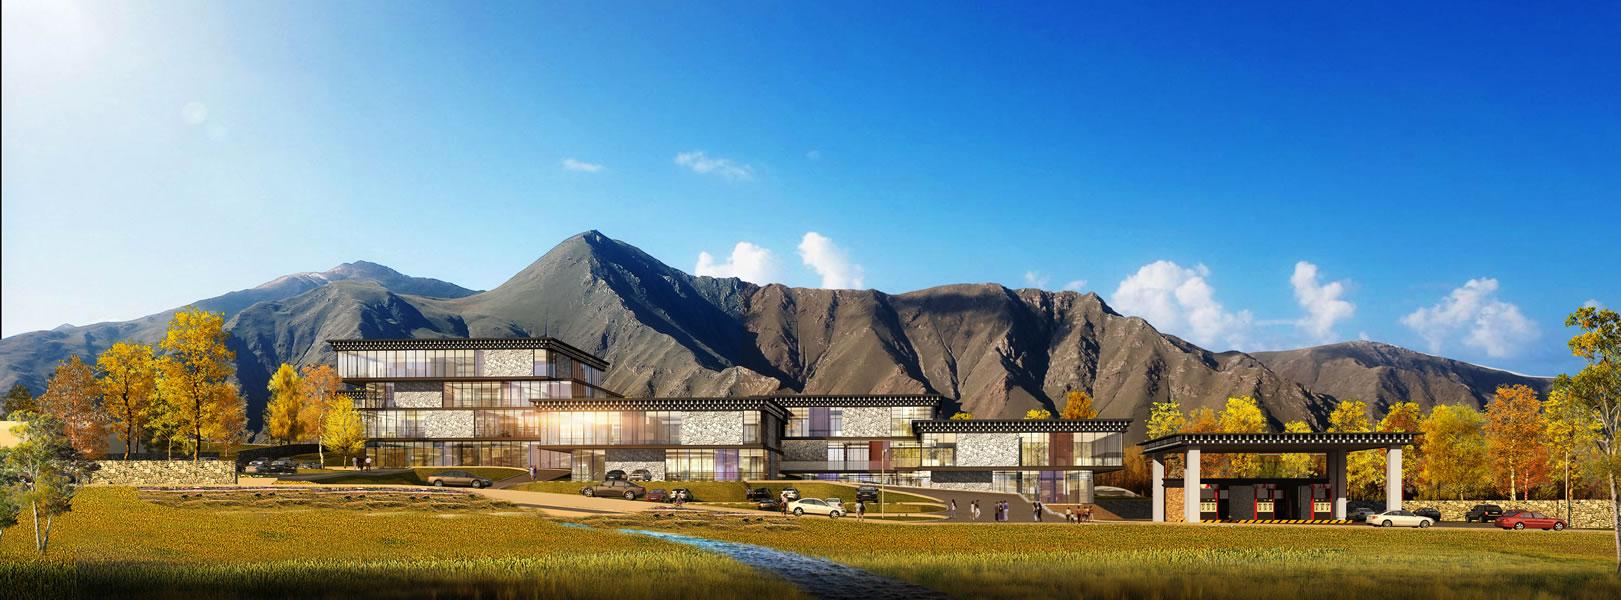 甘孜州国省干道沿线旅游综合配套服务体项目--赤土乡服务区